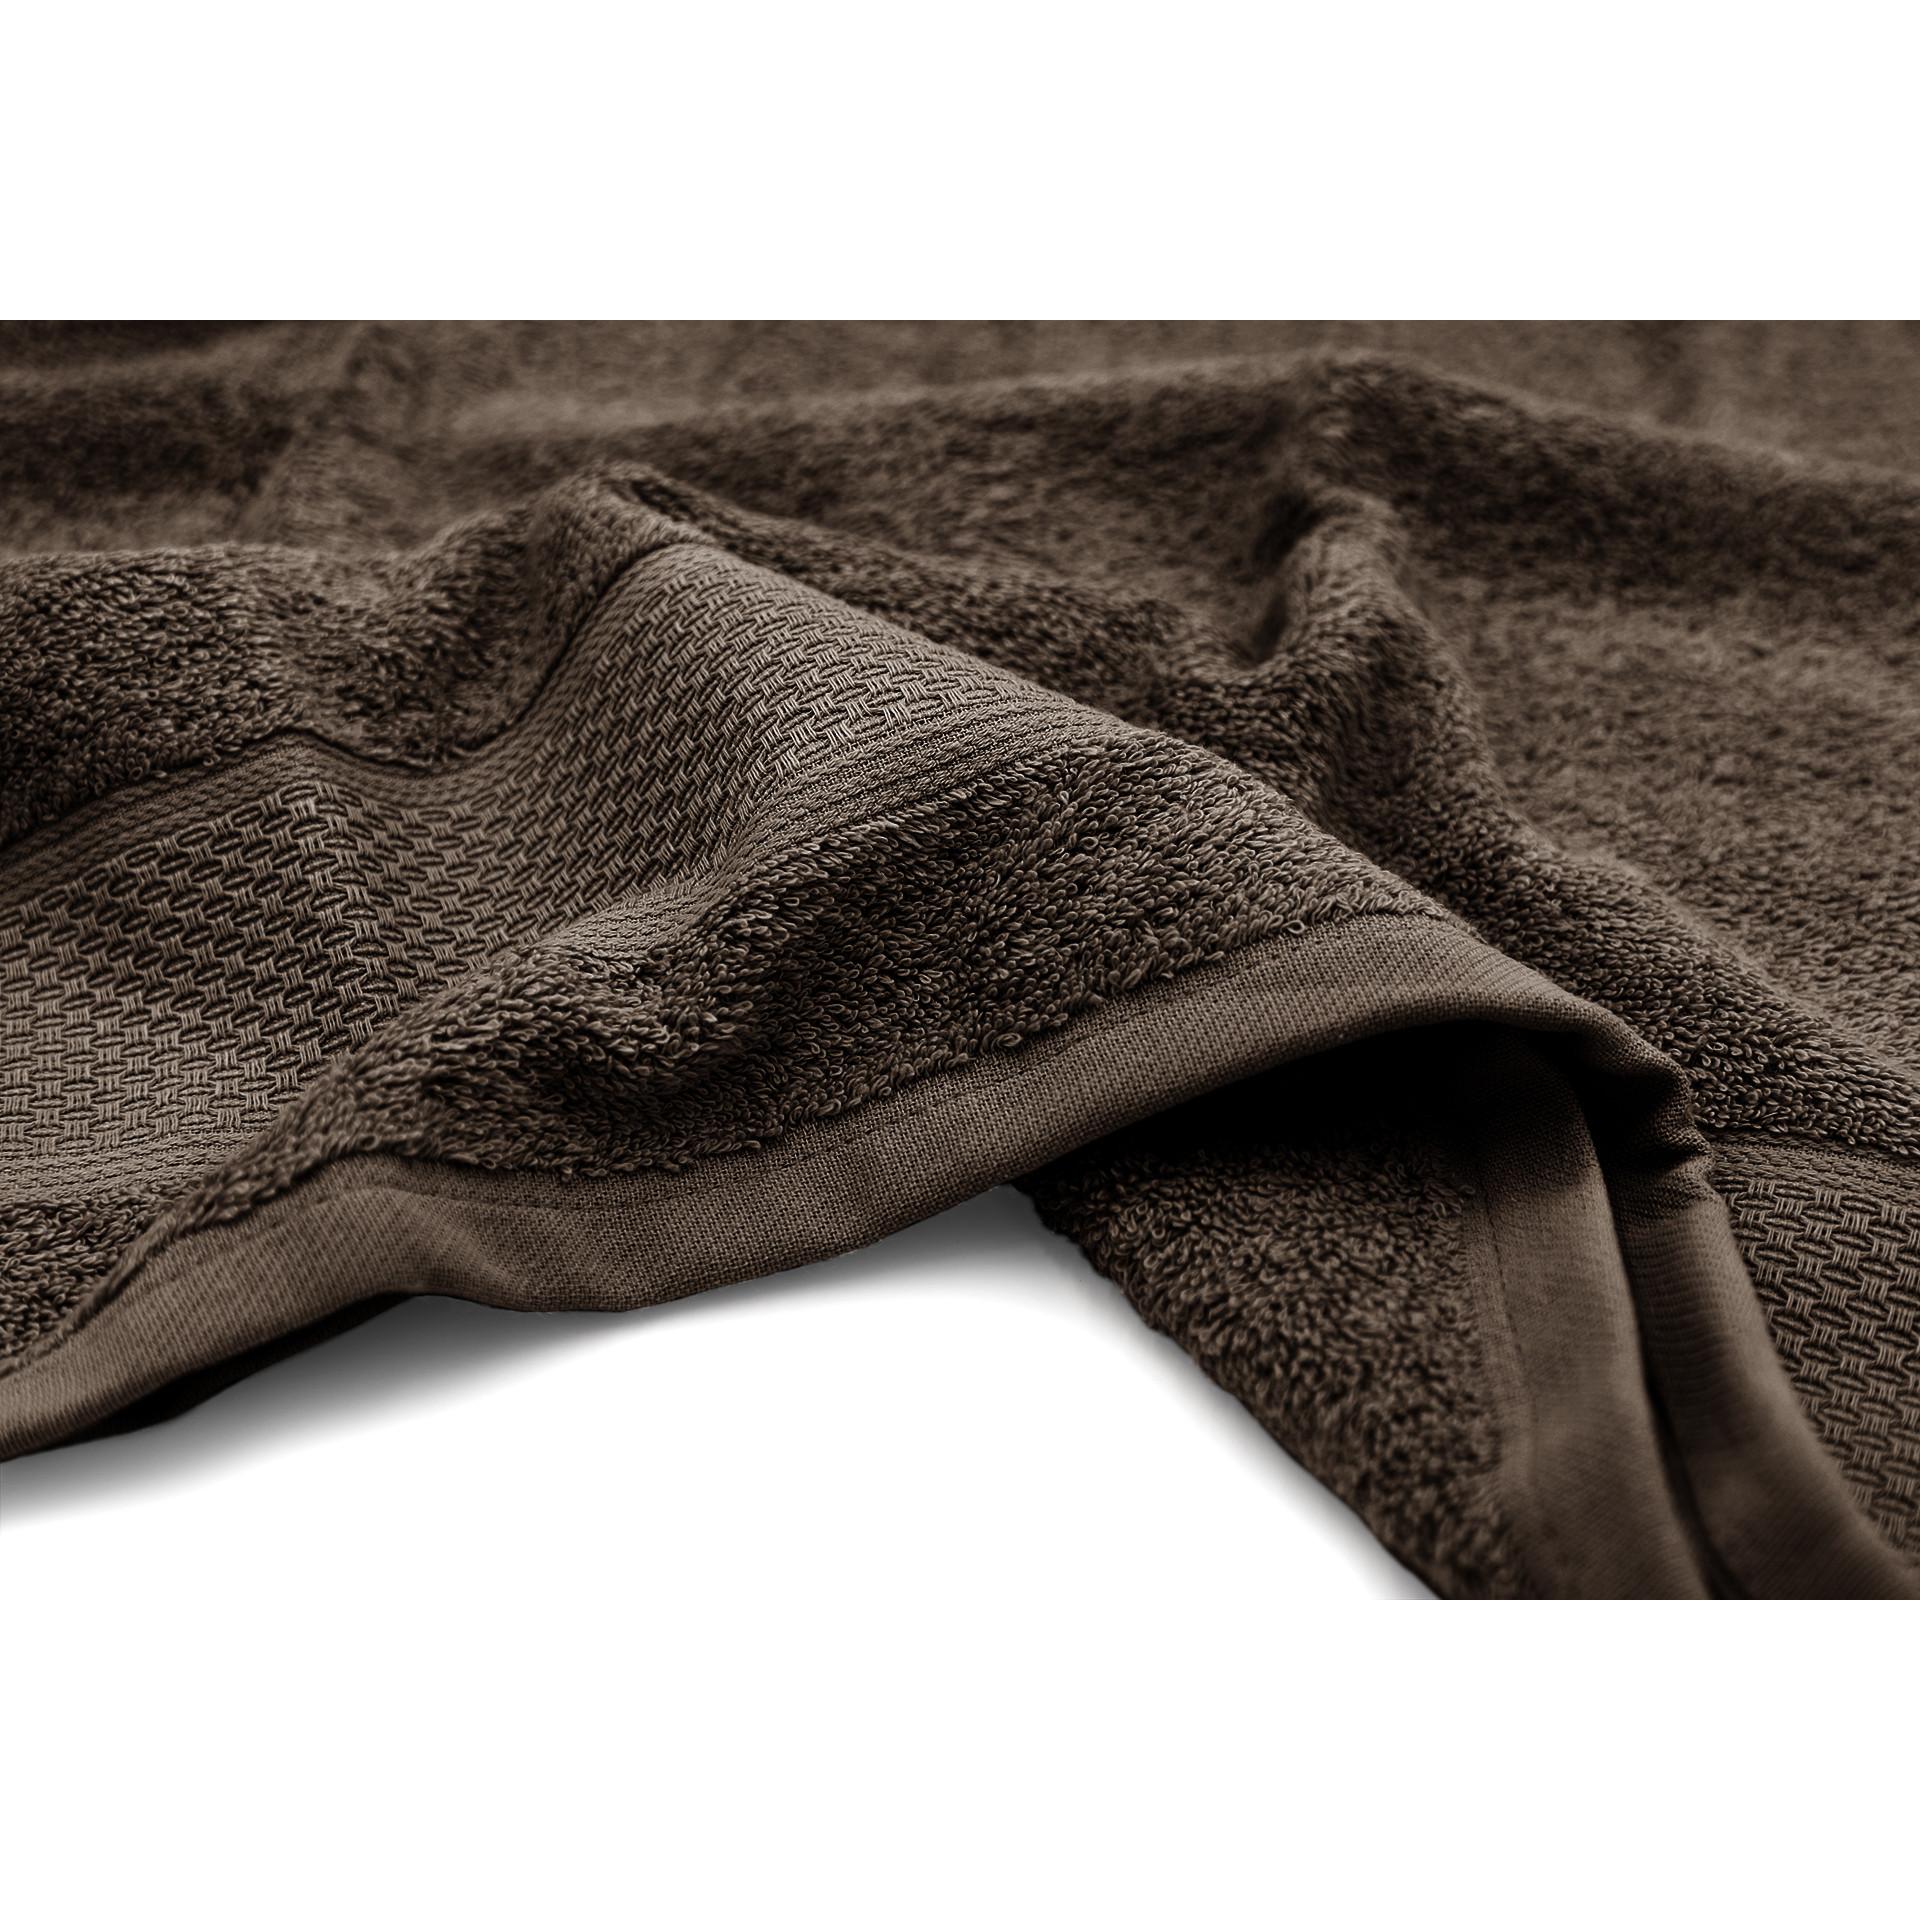 Serviette de bain James   Marron foncé-140 x 70 cm